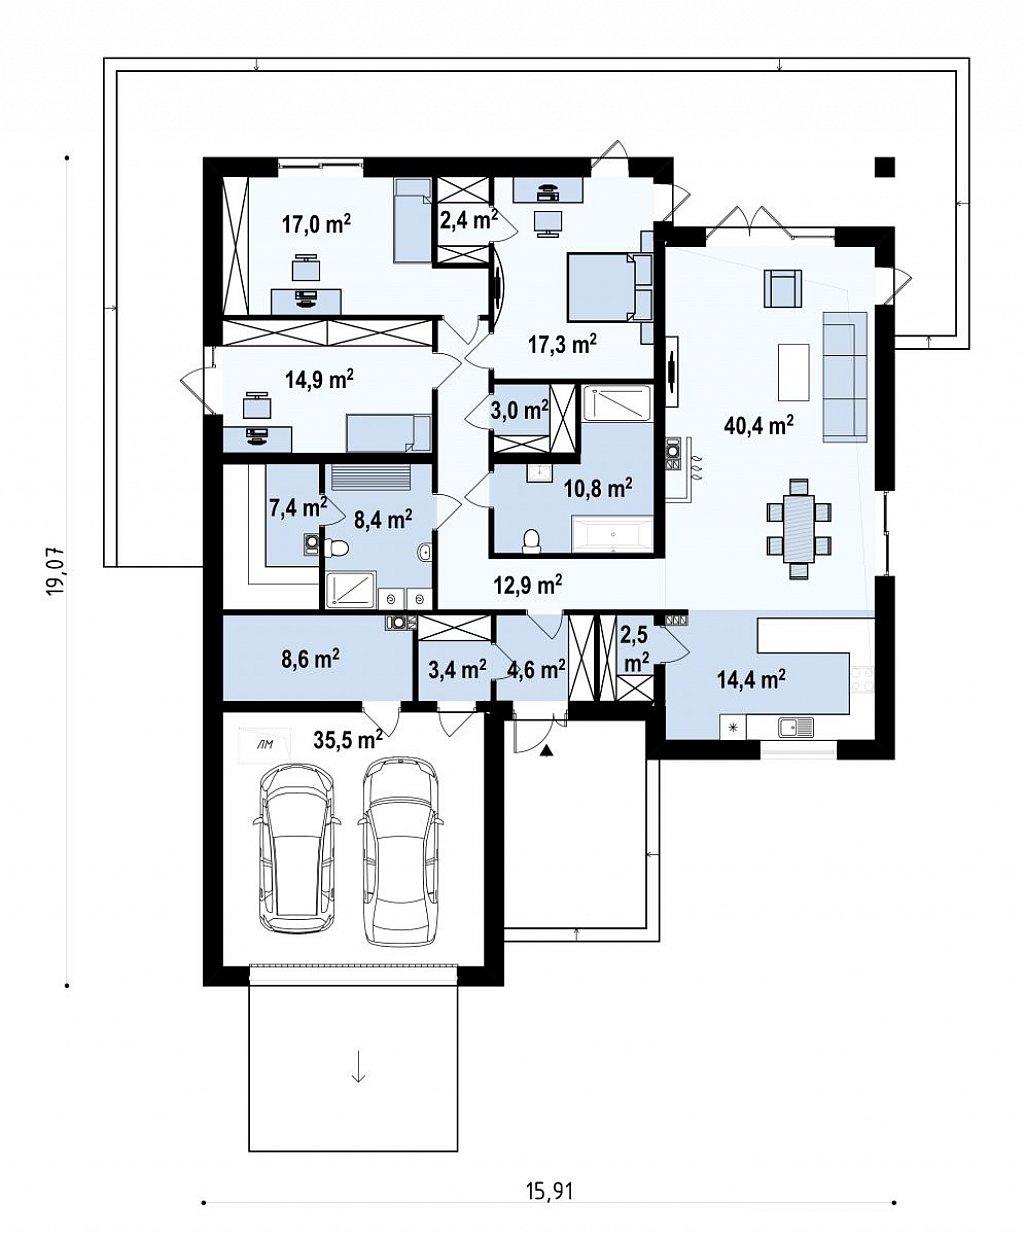 Версия одноэтажного дома Z199 с измененной планировкой план помещений 1